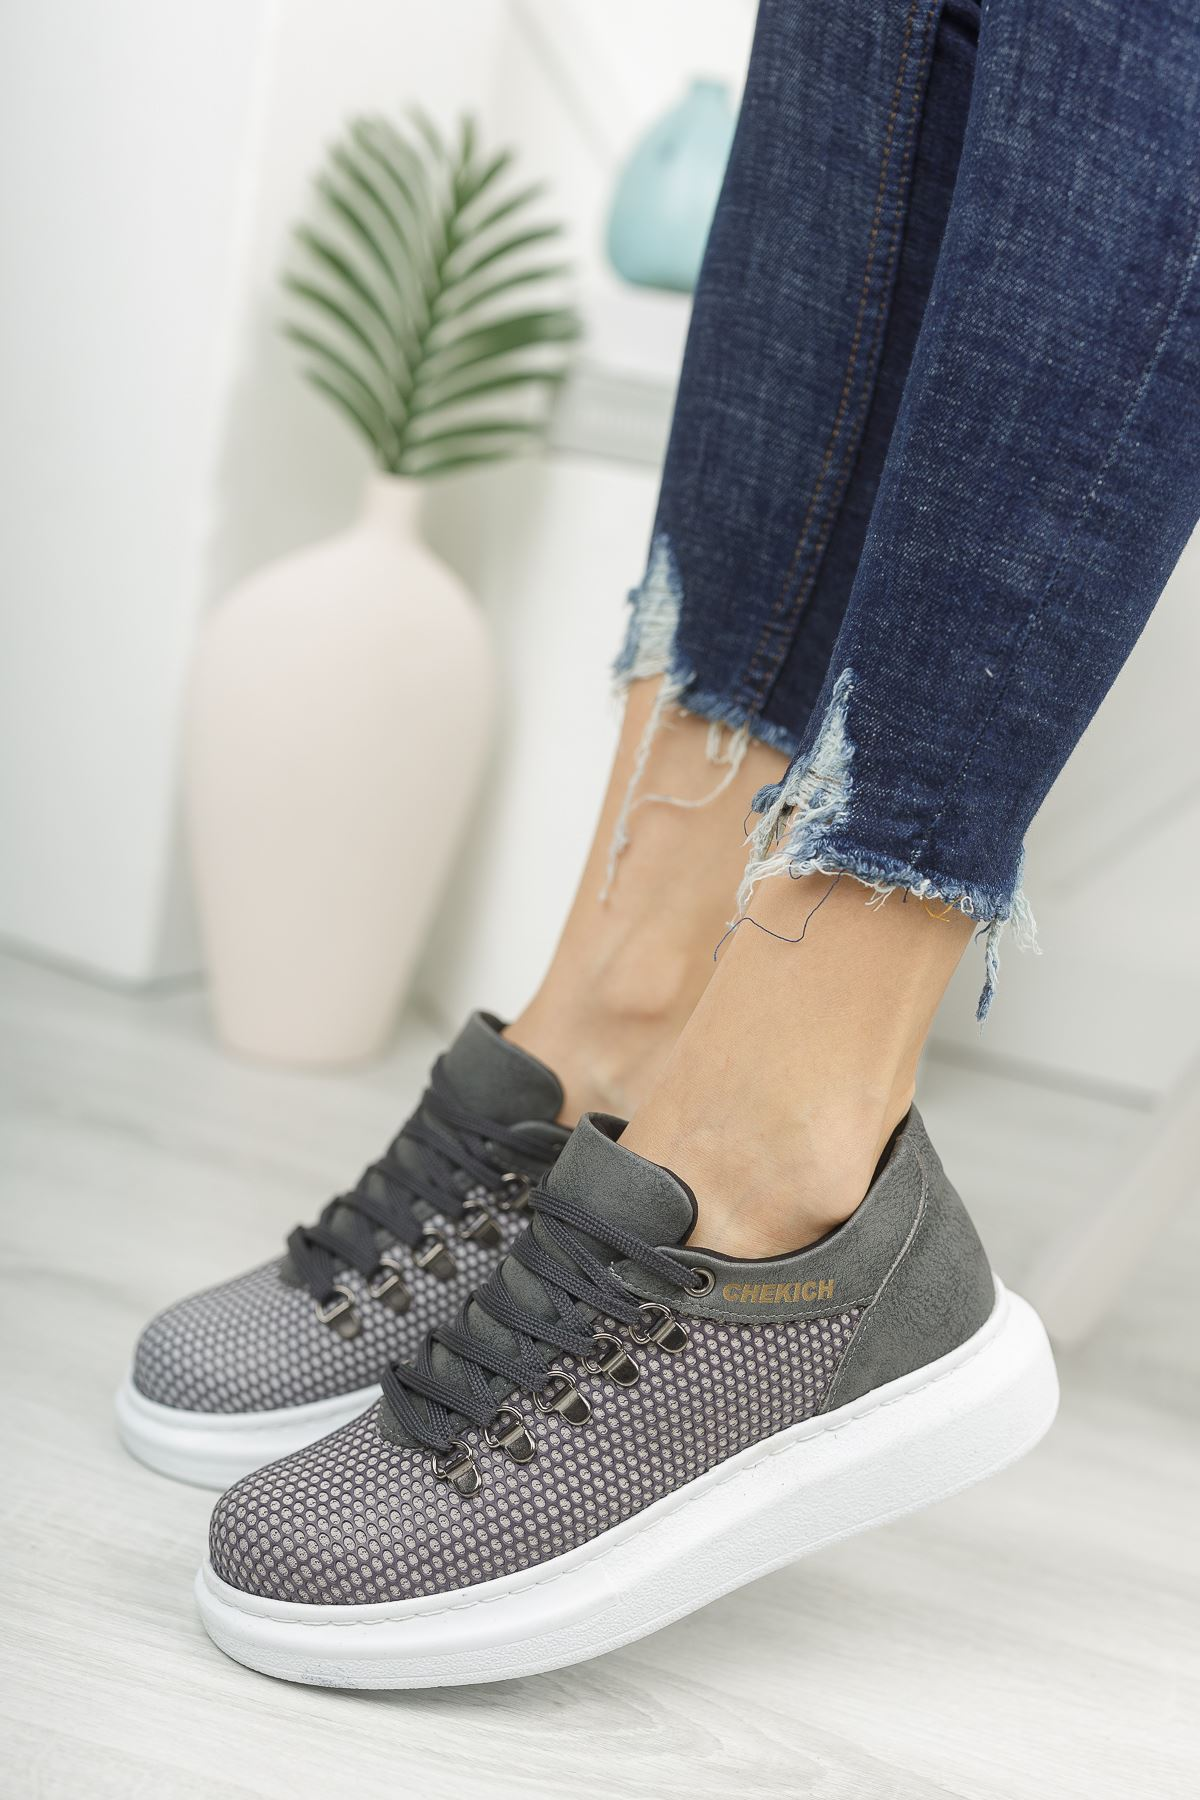 Chekich CH021 YBT Kadın Ayakkabı ANTRASIT